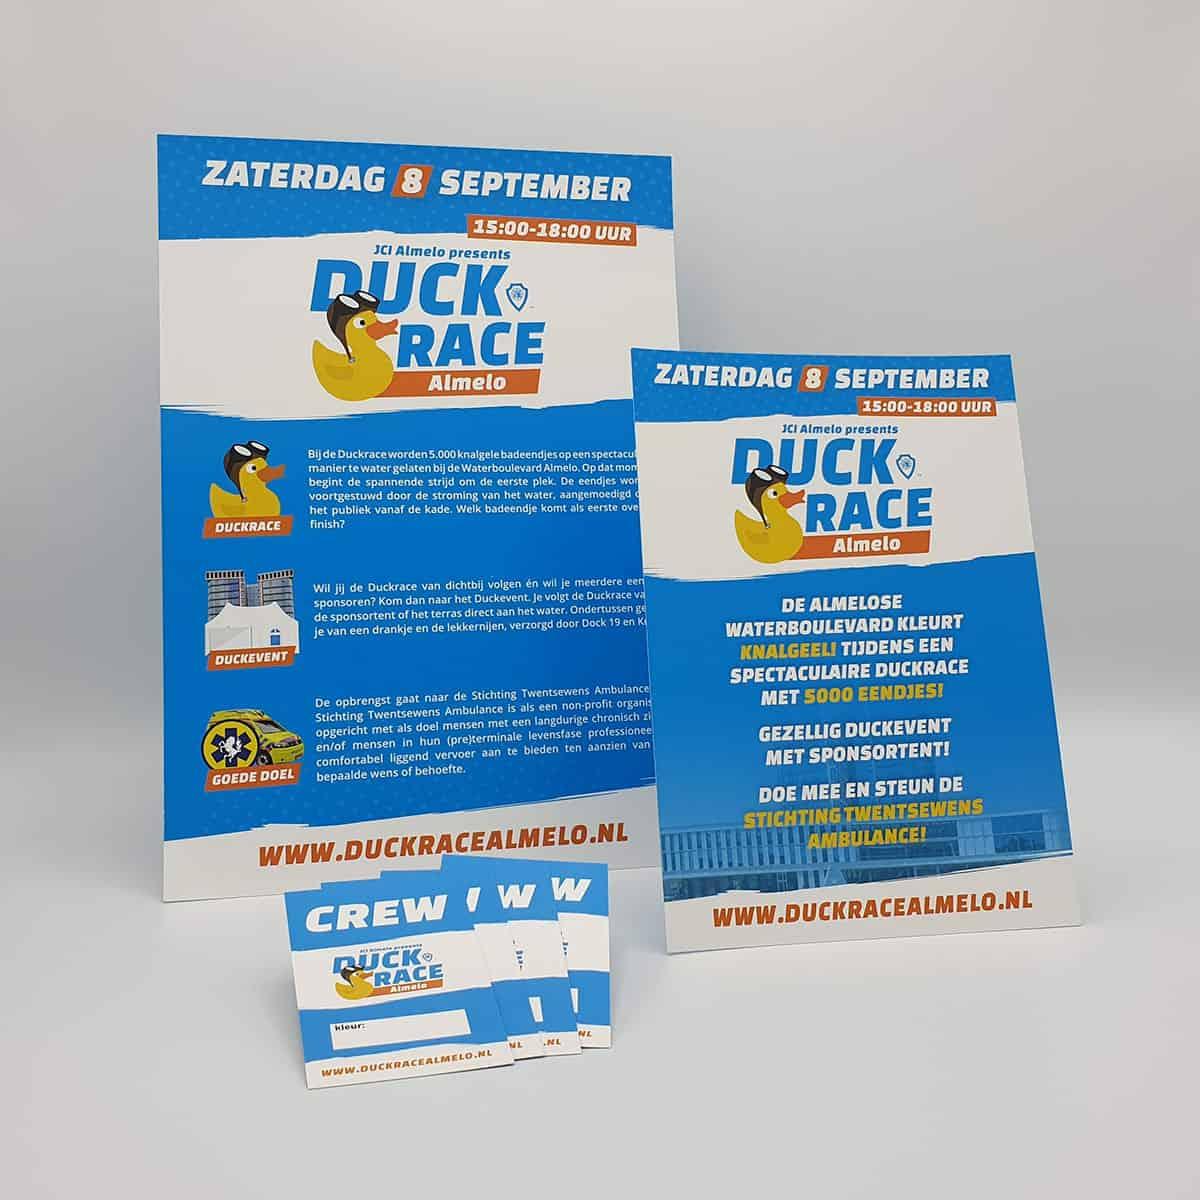 Huisstijl-Duckrace-Almelo-drukwerk-burobedenkt